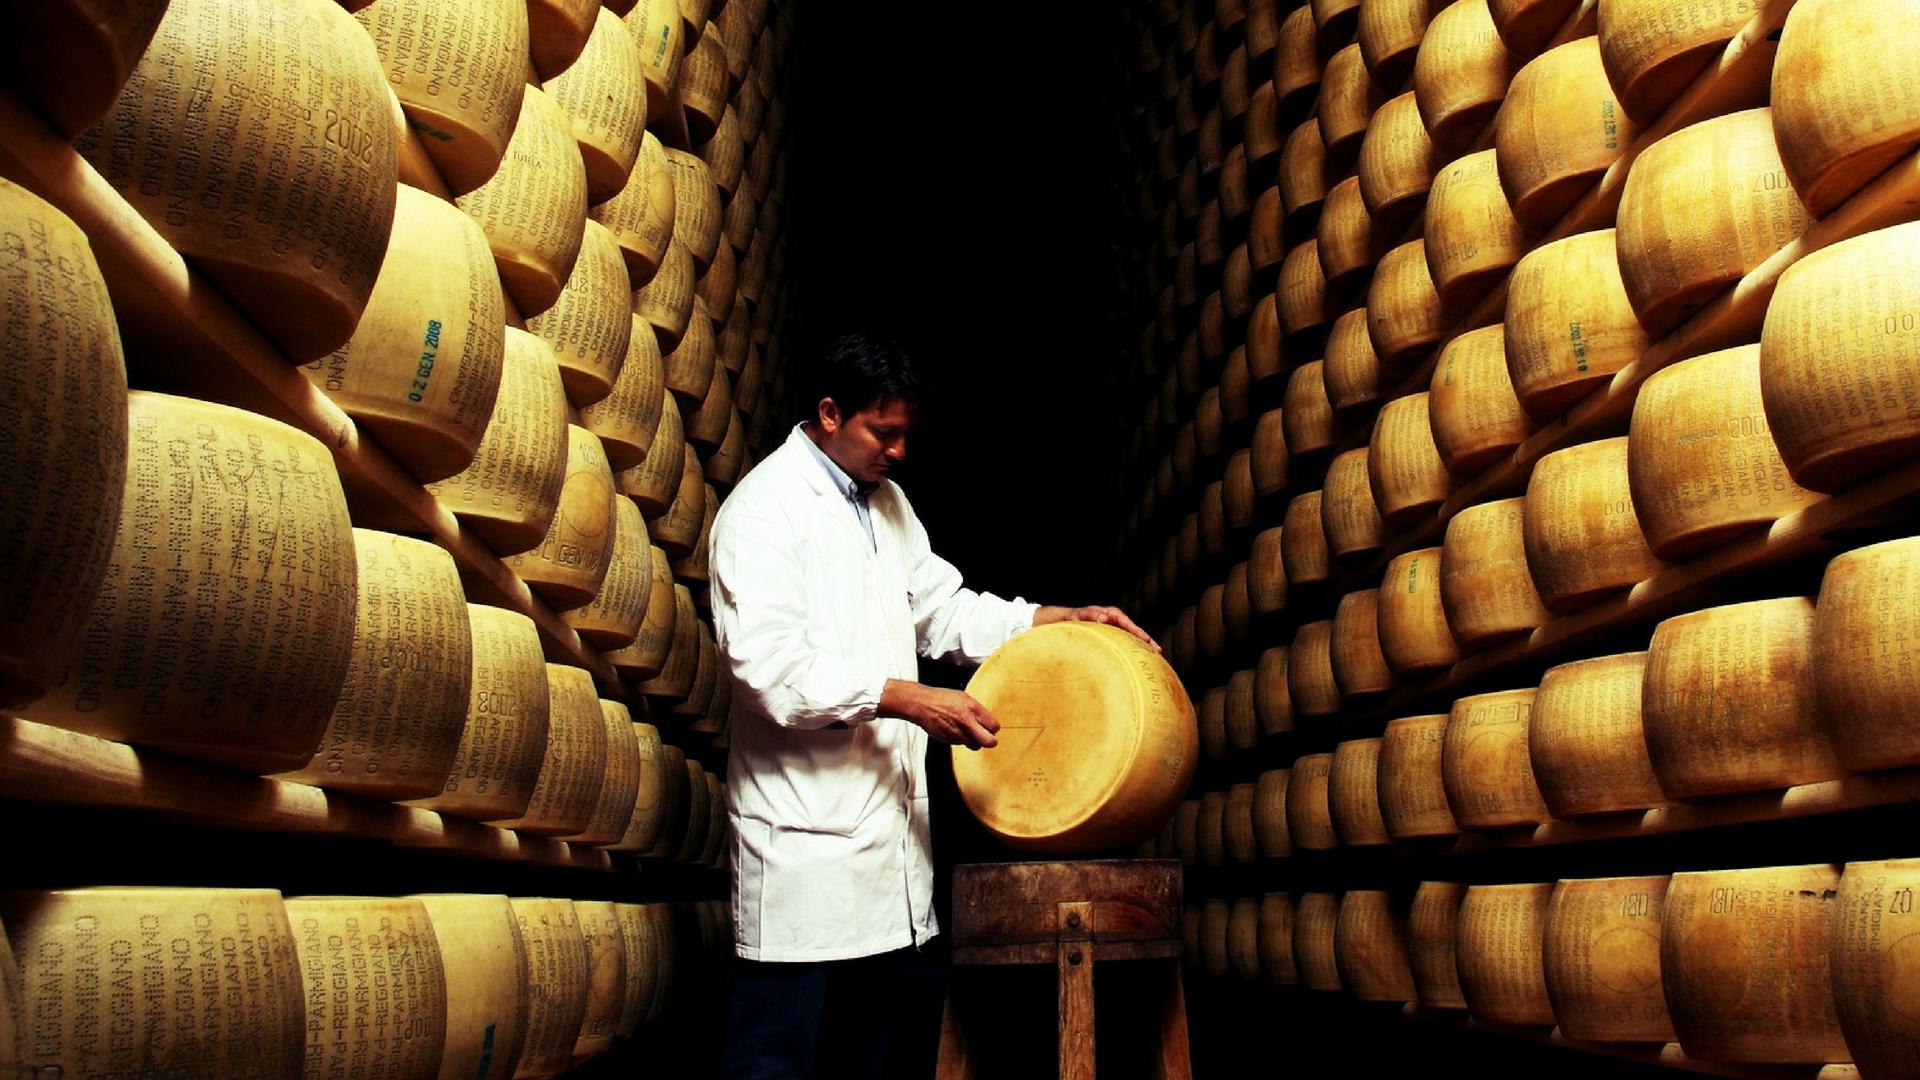 L'Onu, il parmigiano e il folle salutismo giacobino